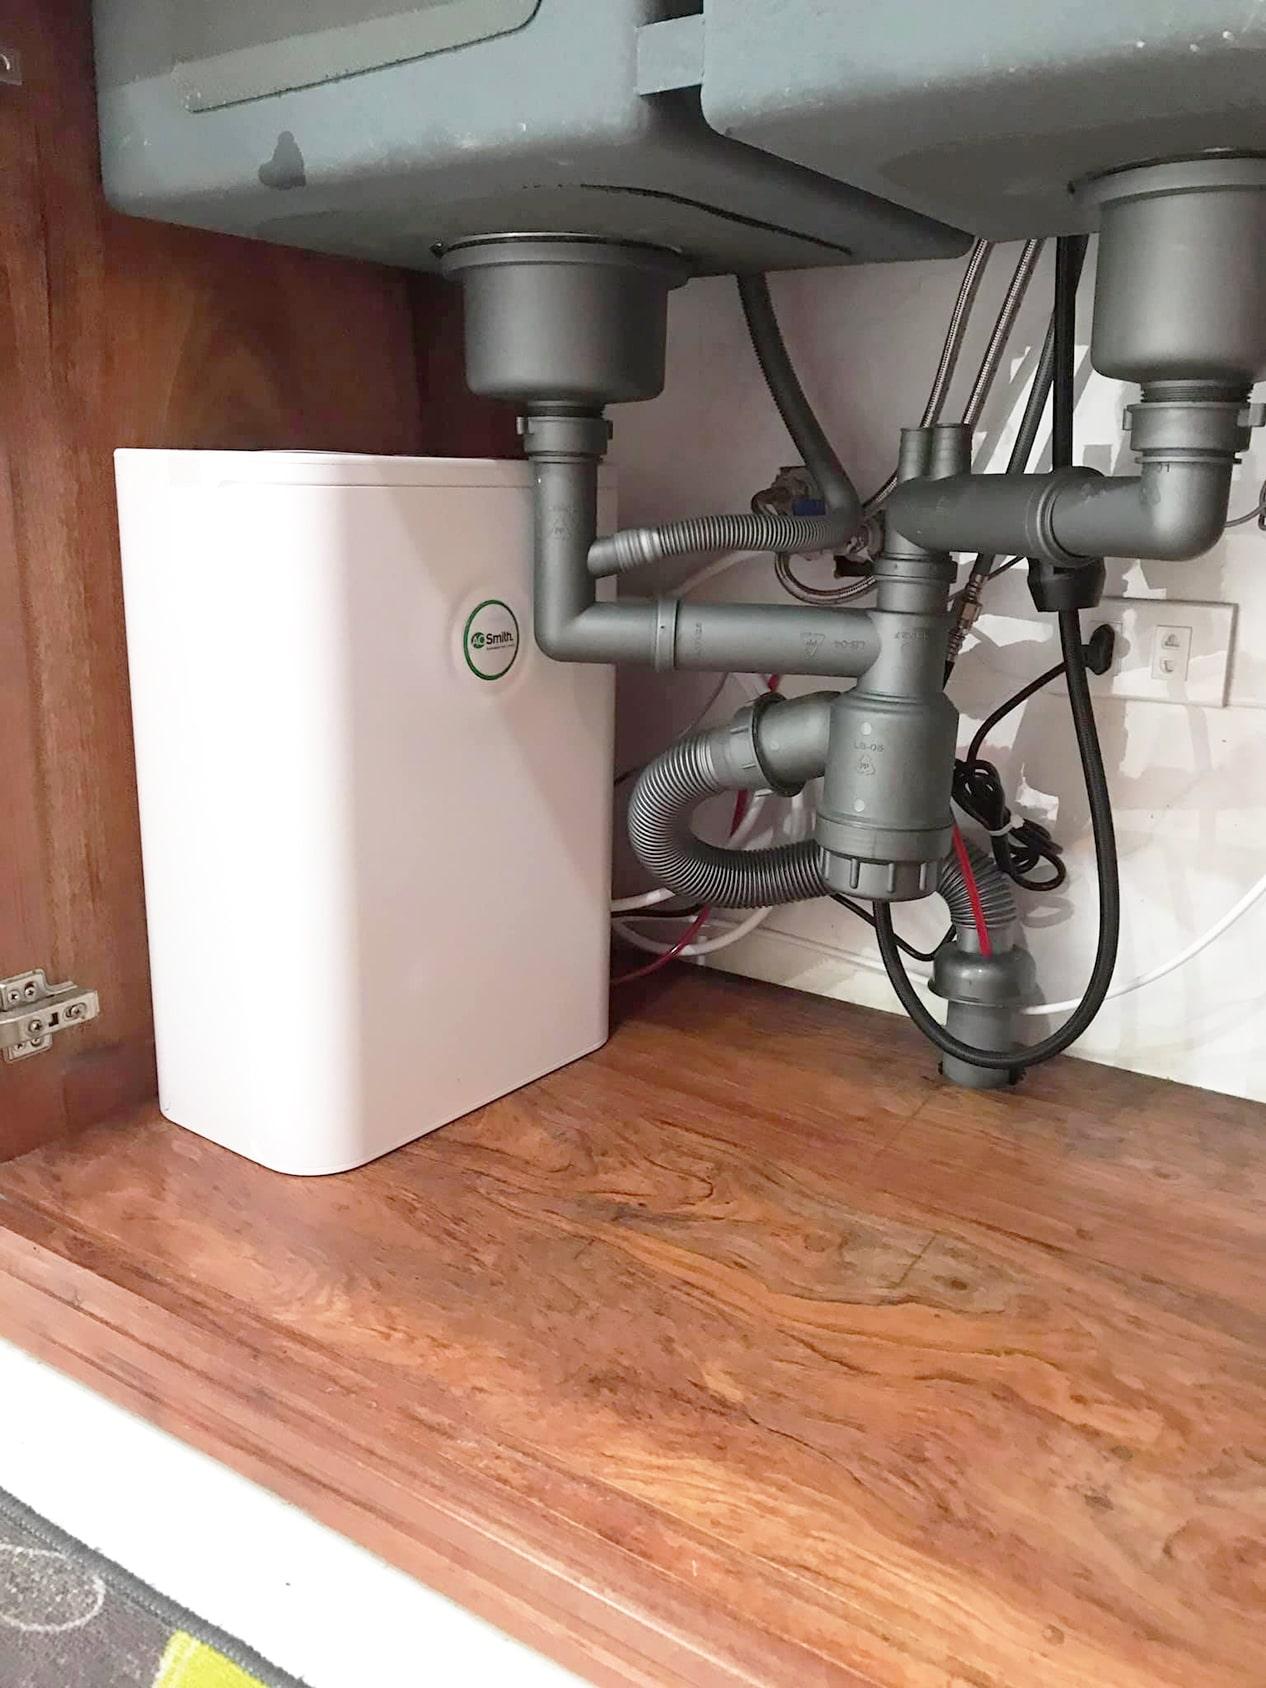 Hình ảnh thực tế máy lọc nước AoSmith S600 đã được lắp đặt